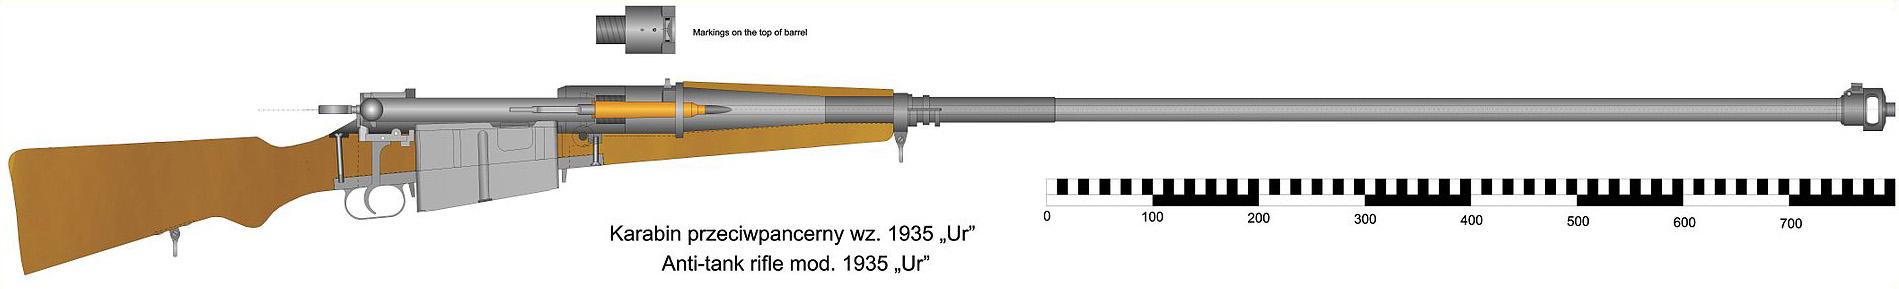 Противотанковое ружьё WZ. 35. © Ary2